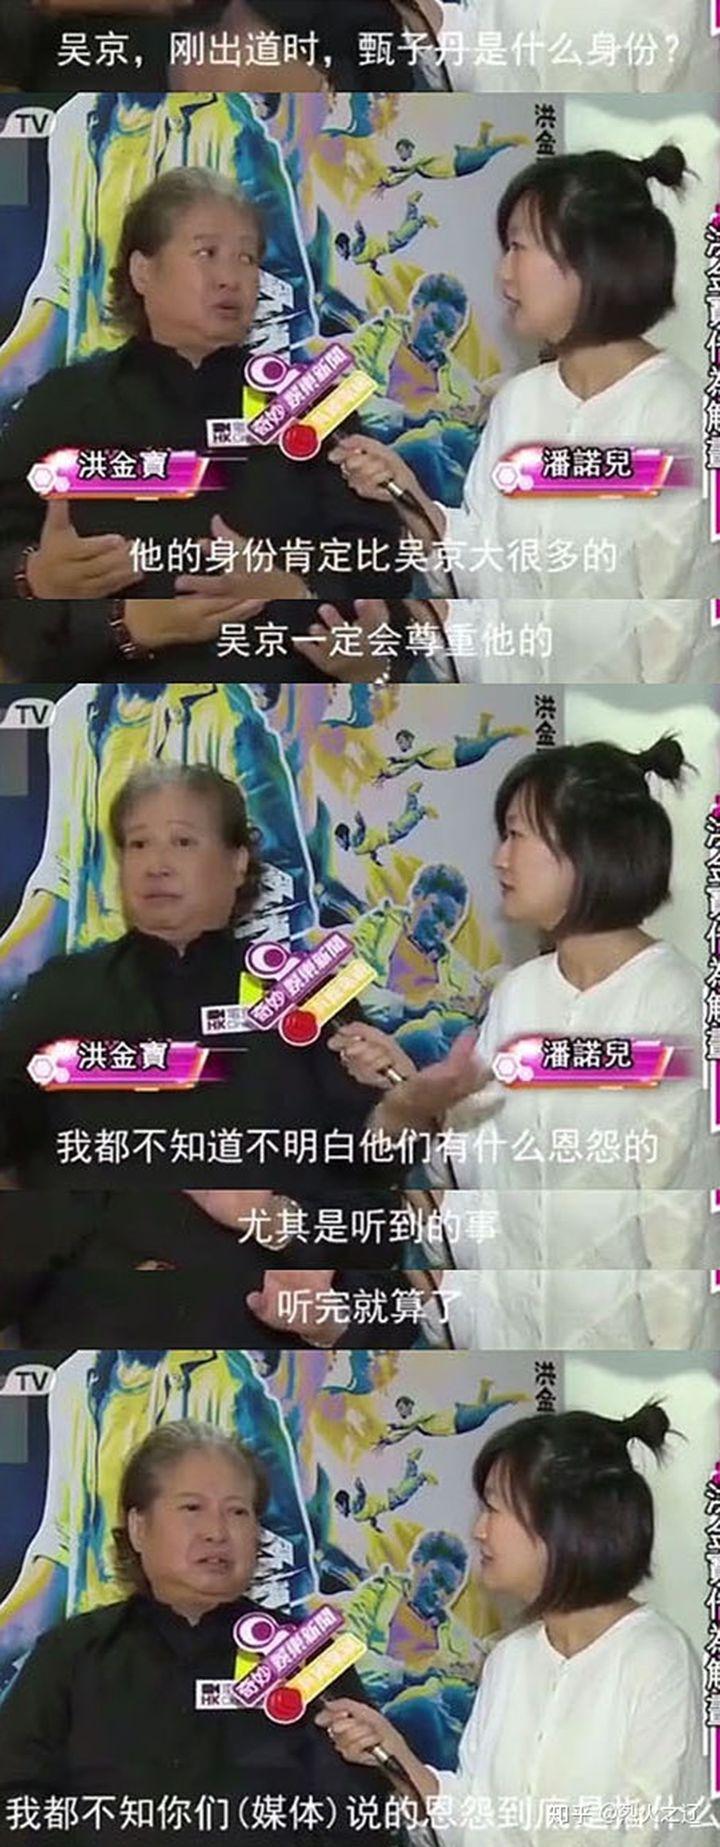 大家如何看待《特殊身份》赵文卓和甄子丹这件事儿,这件事到底谁对谁错?-156